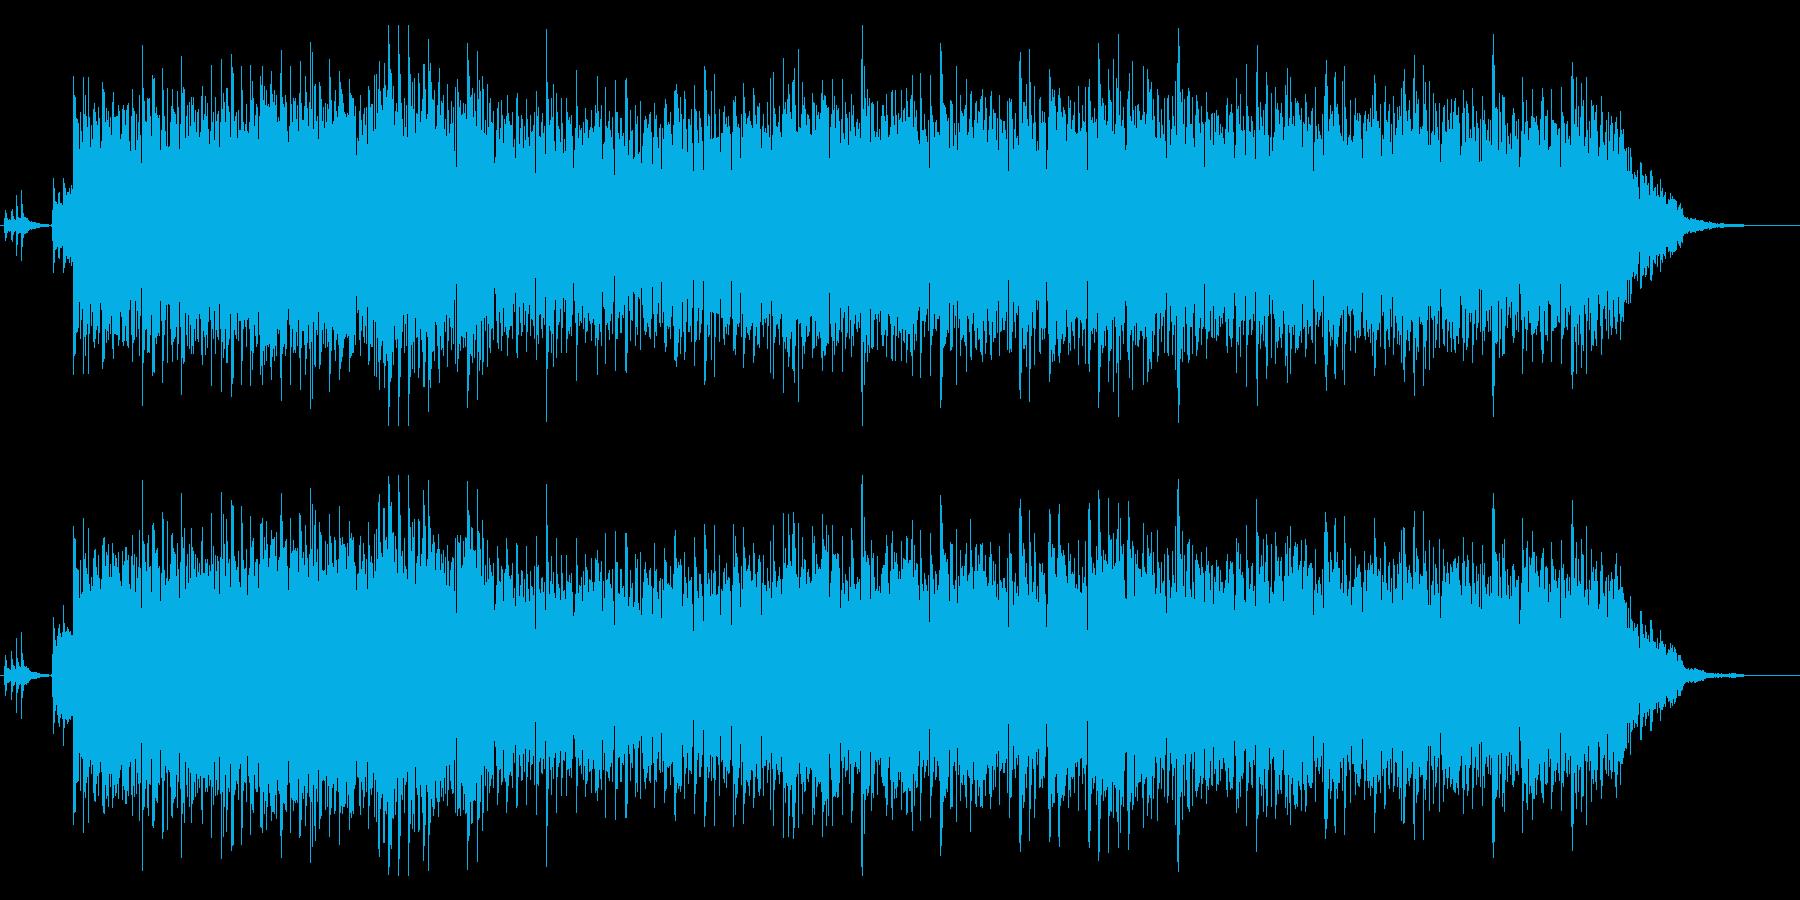 始まりを予感させる、ピアノと弦の和風曲の再生済みの波形